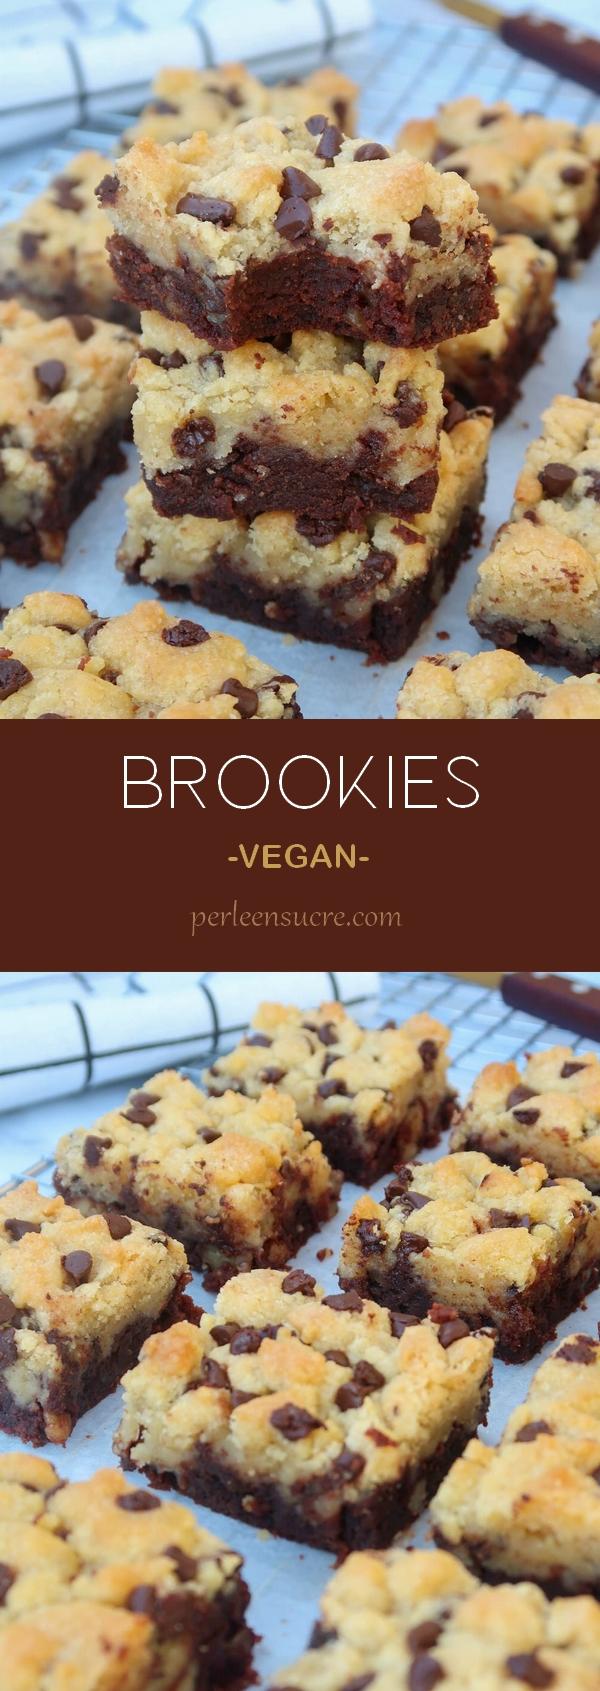 Brookies sans oeufs sans lait {vegan}